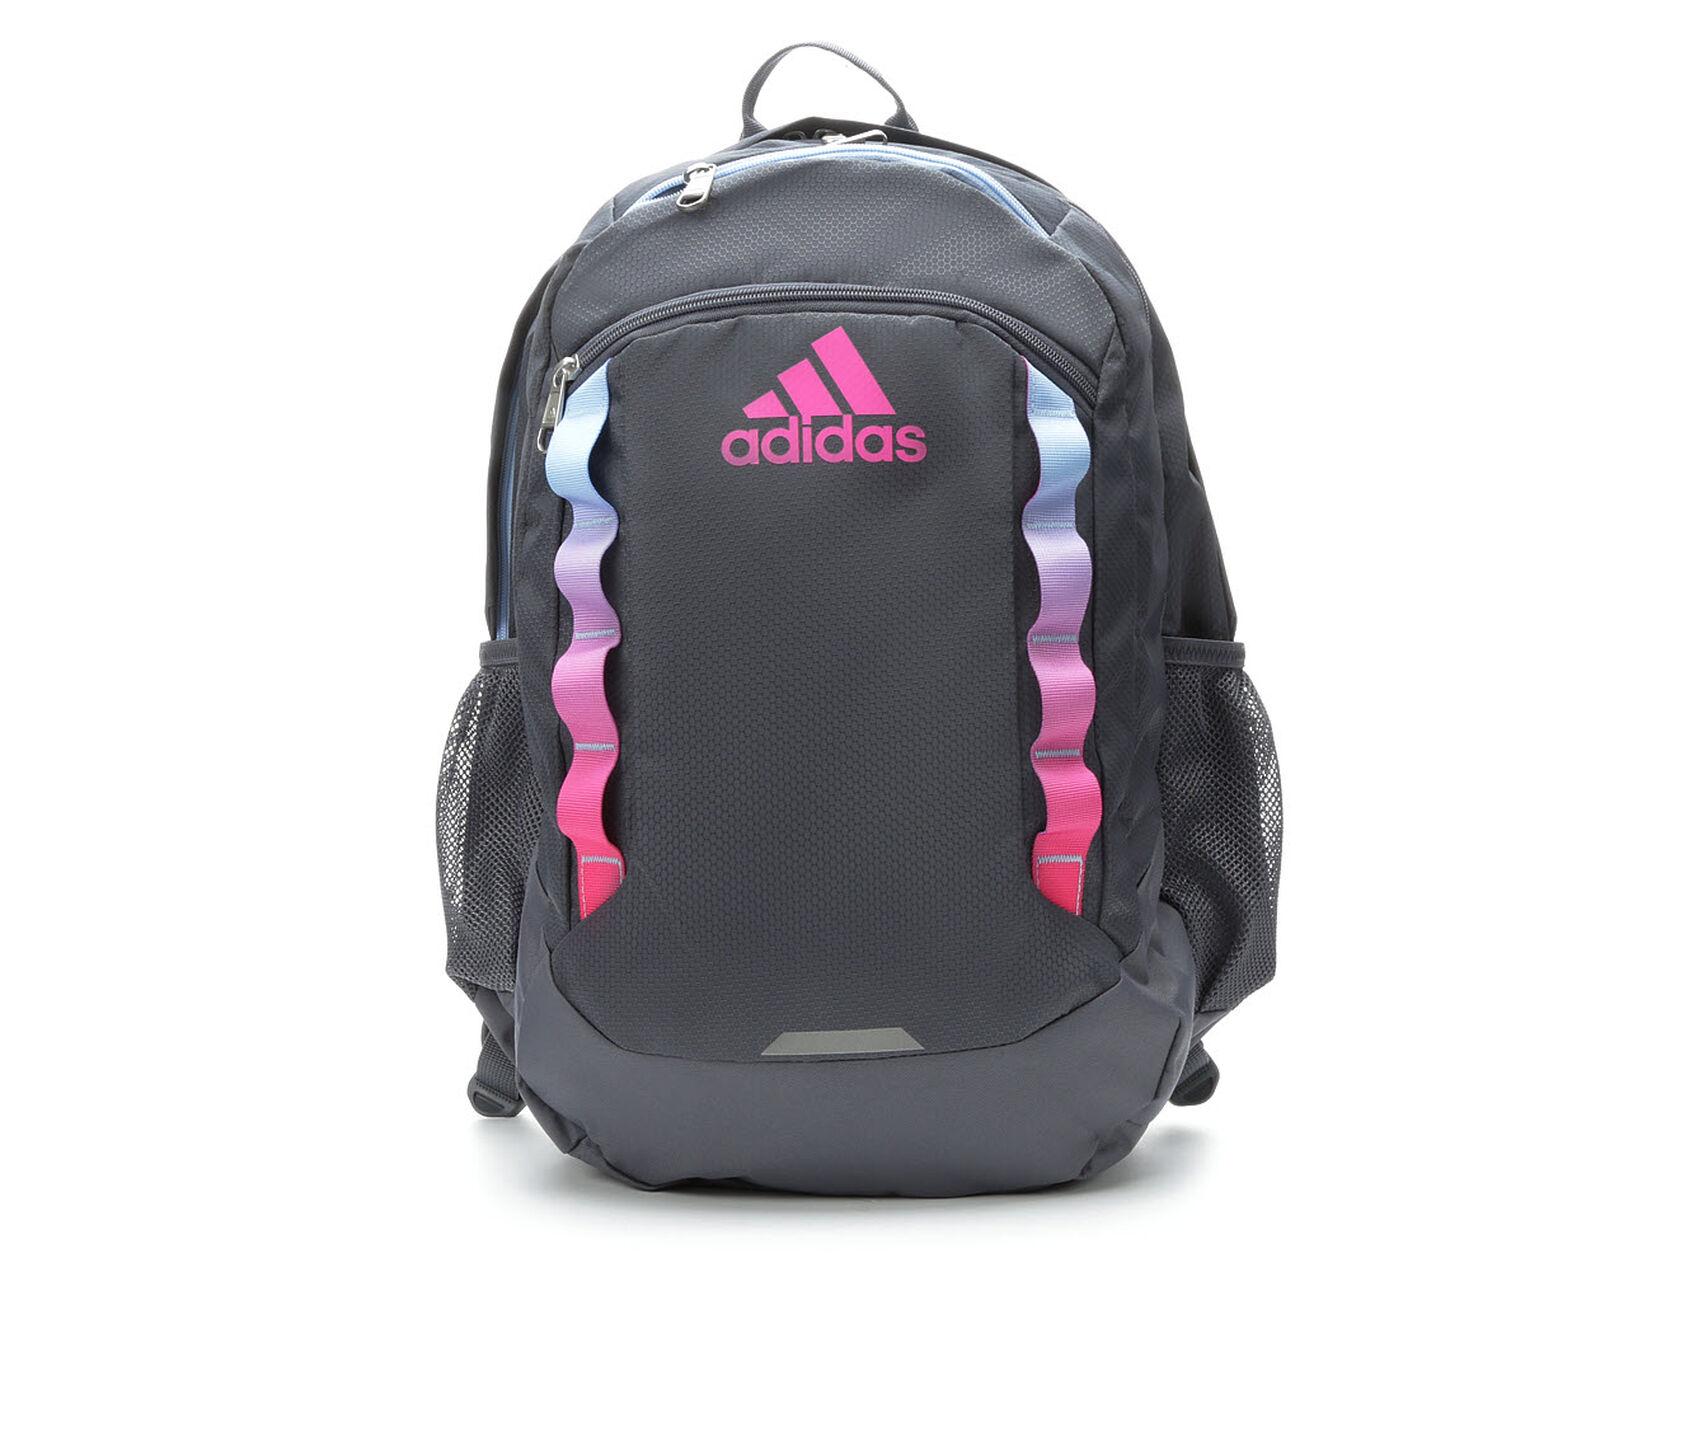 12b7533d3306 Adidas Excel V Backpack